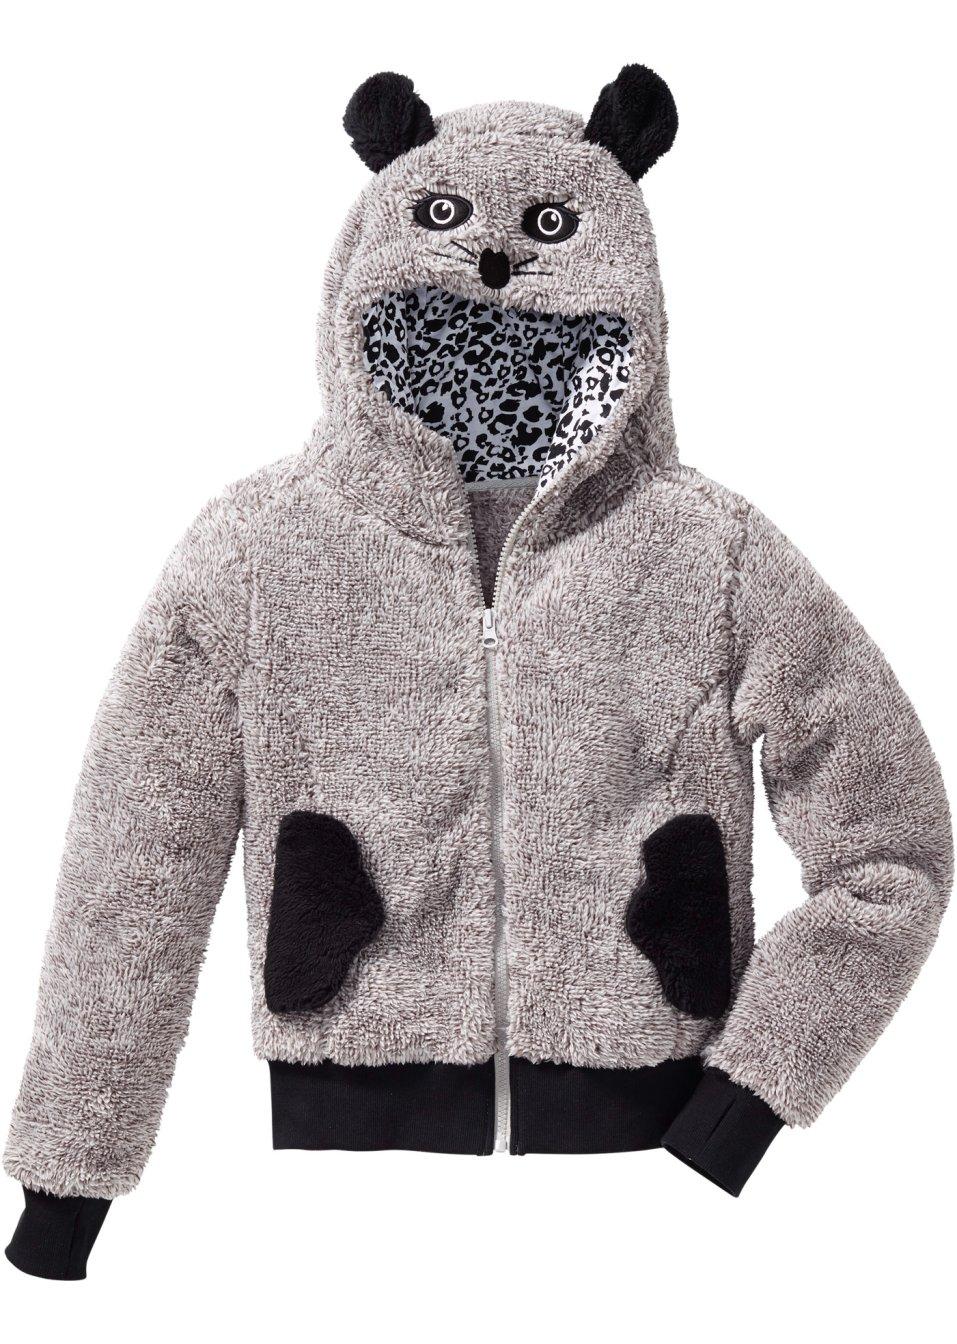 gilet en synth tique imitation fourrure polaire motif animal gris clair souris enfant bpc. Black Bedroom Furniture Sets. Home Design Ideas